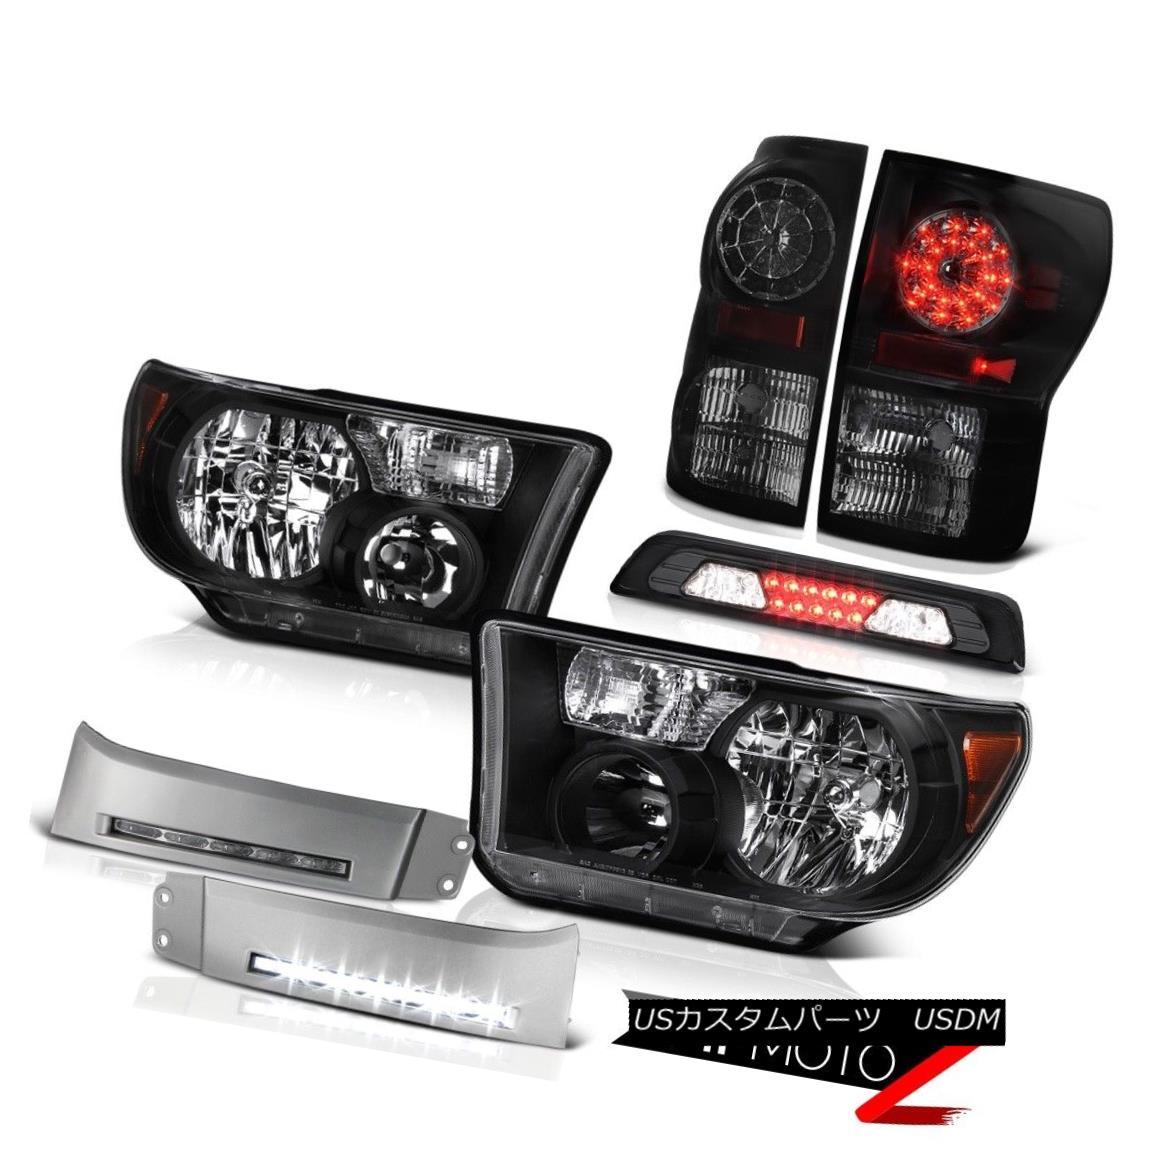 テールライト 2007-2013 Toyota Tundra SR5 Headlamps DRL Strip Smokey Roof Cab Lamp Tail Lights 2007-2013トヨタトンドラSR5ヘッドライトDRLストリップスモーキールーフキャブランプテールライト